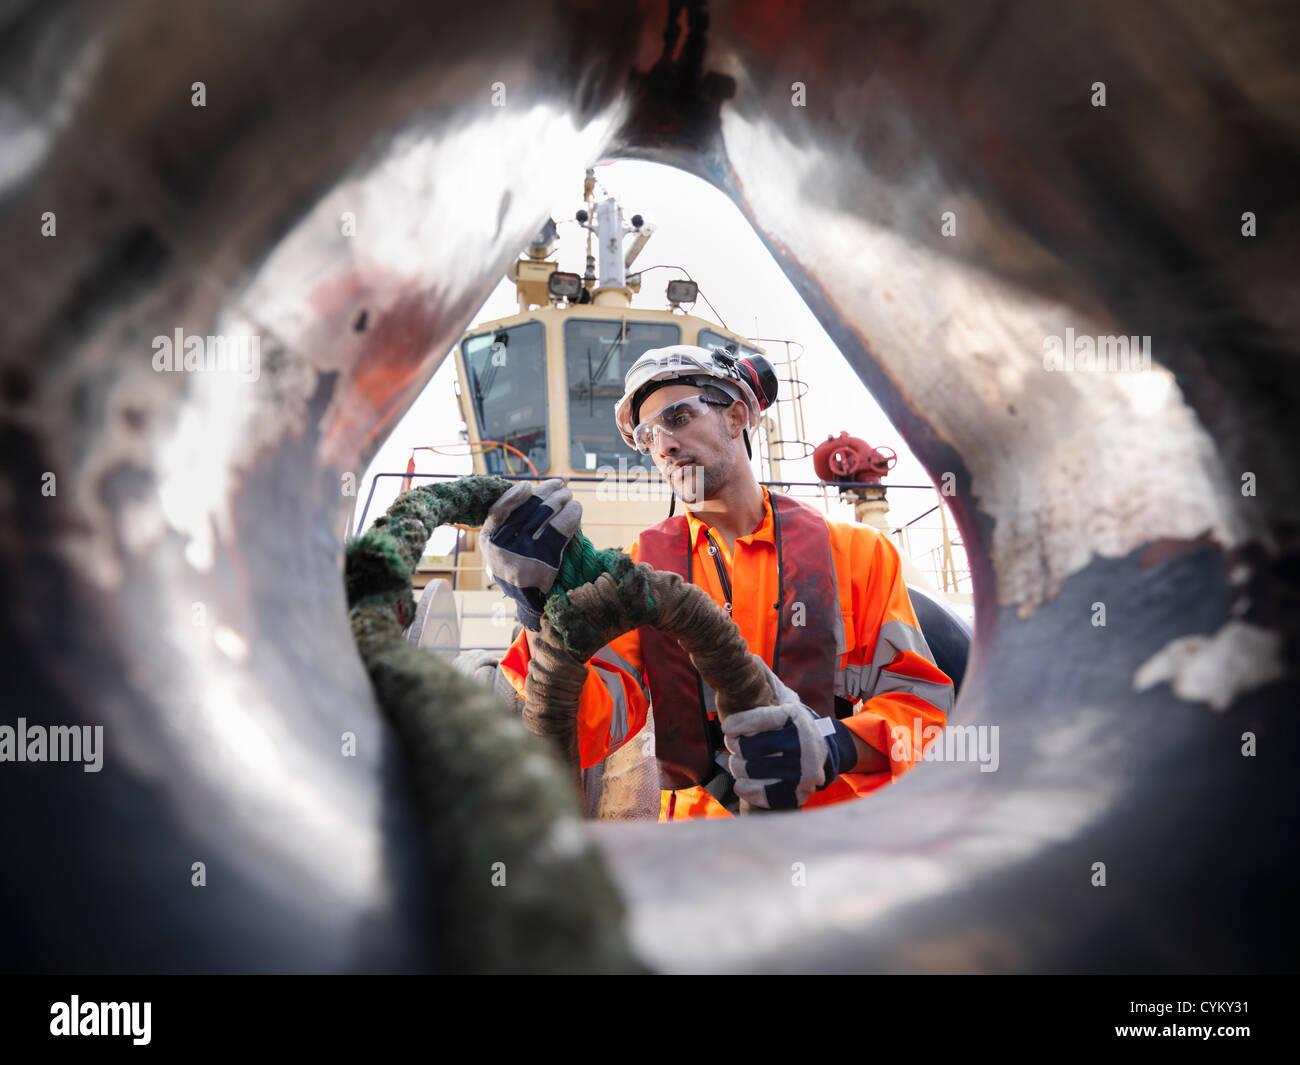 Rimorchiatore lavoratore tirando la corda sul ponte Immagini Stock